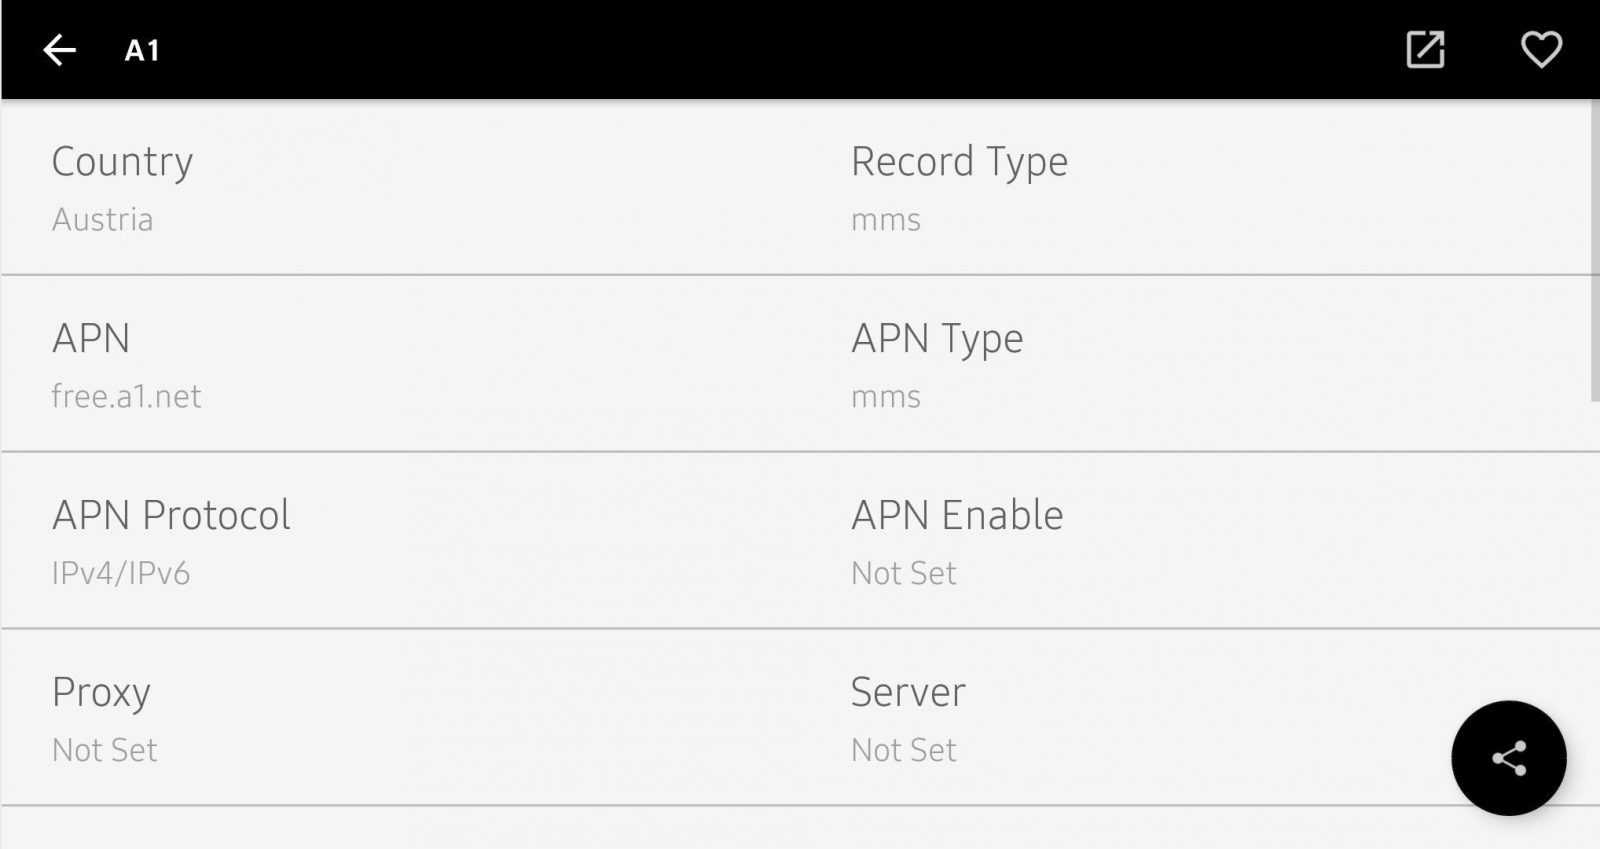 Cara Setting Apn Xl Di Android Dan Iphone 4G Tercepat